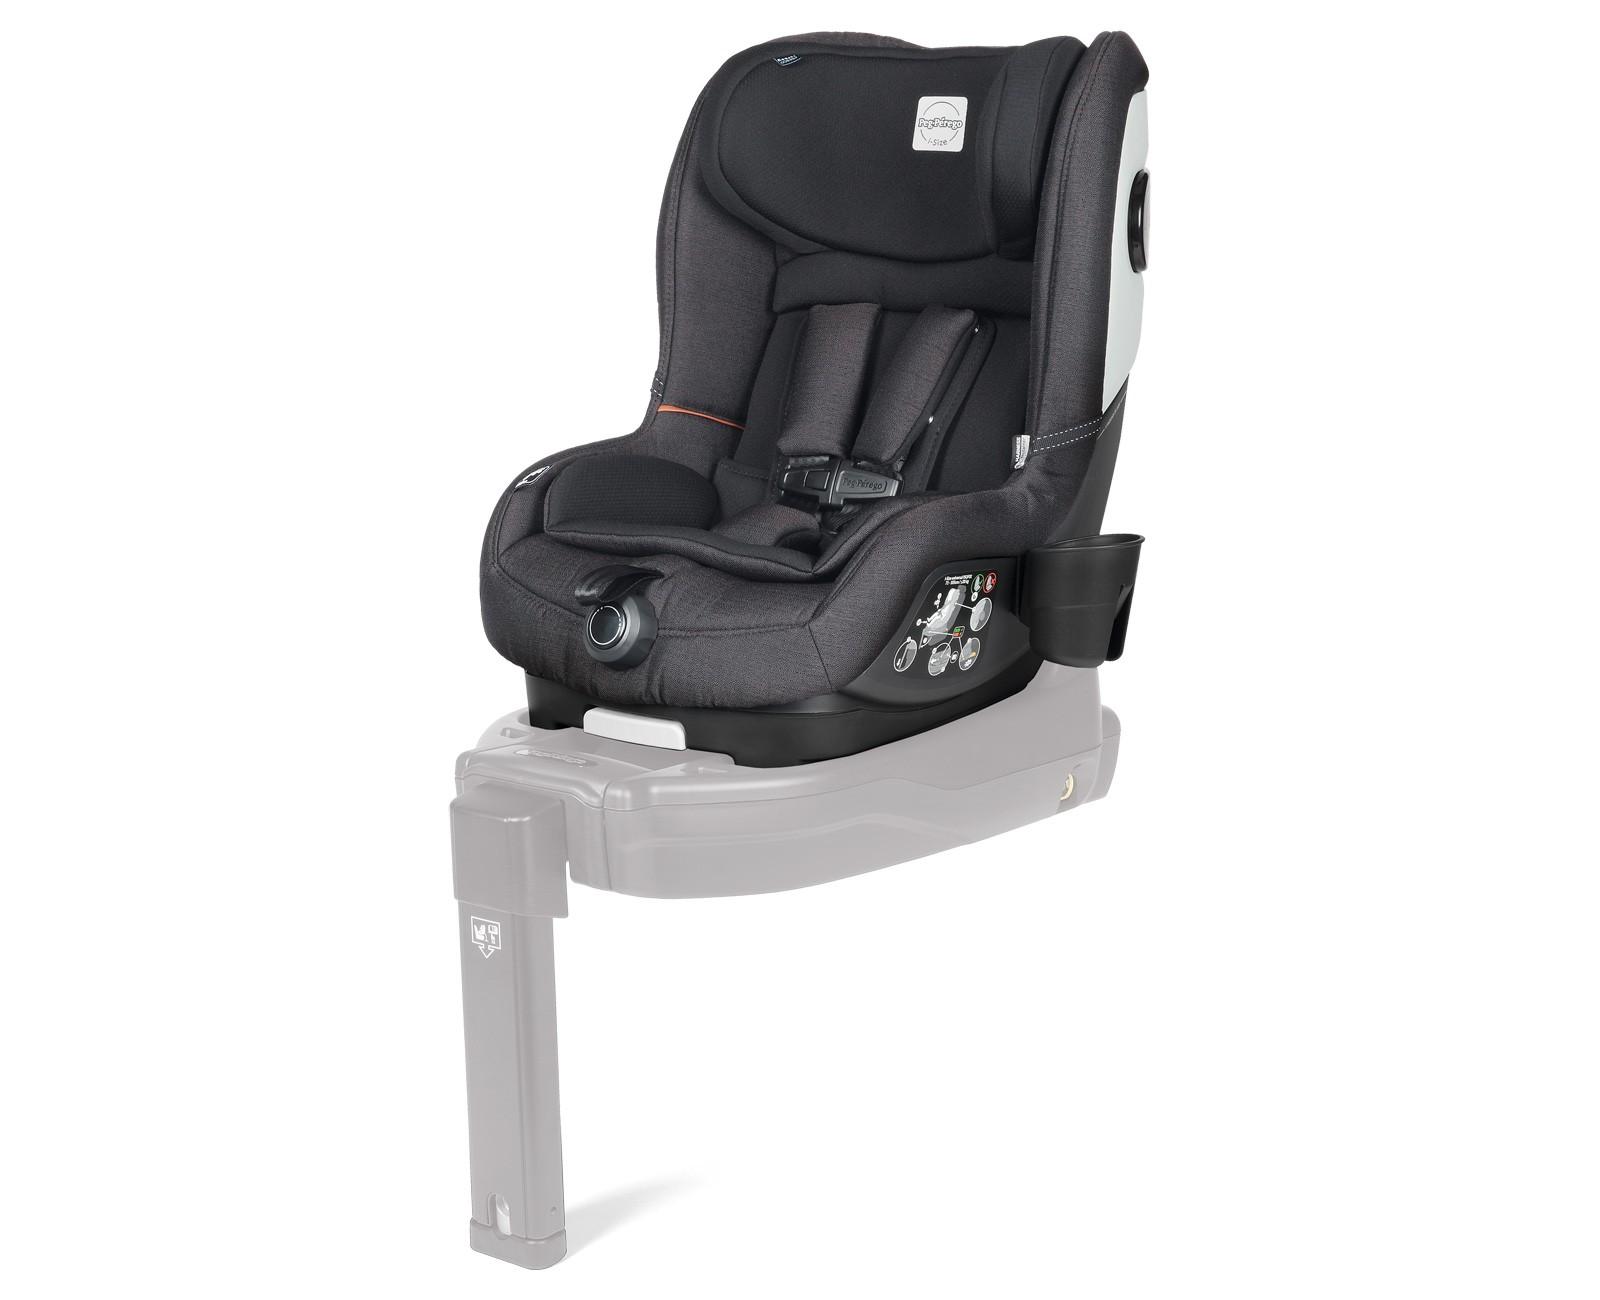 Peg Perego Kindersitz Viaggio FF105 Ebony